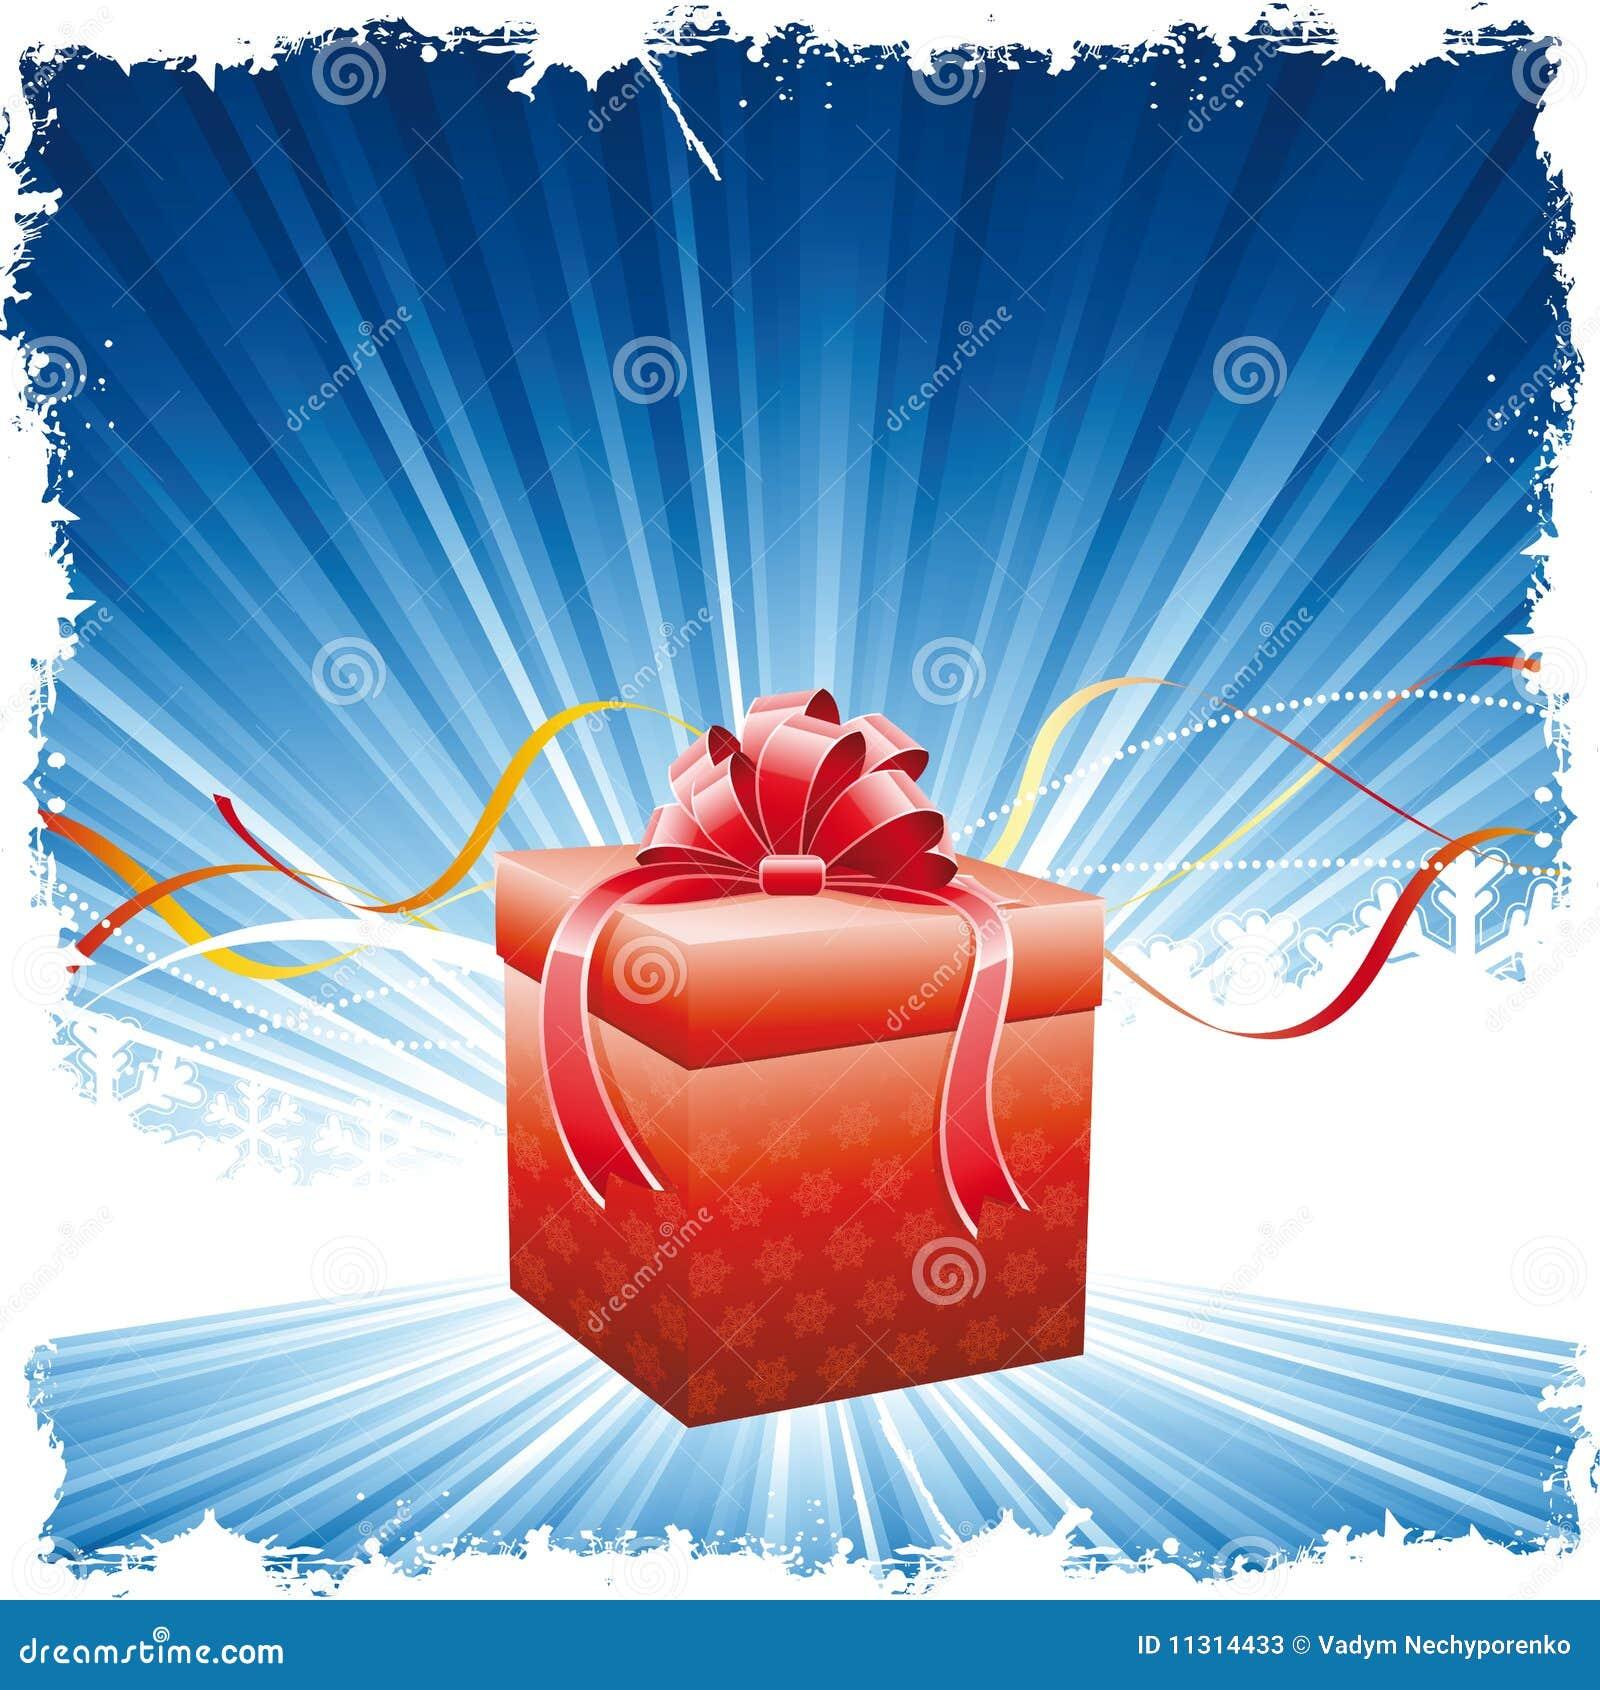 Weihnachtshintergrund mit Geschenk